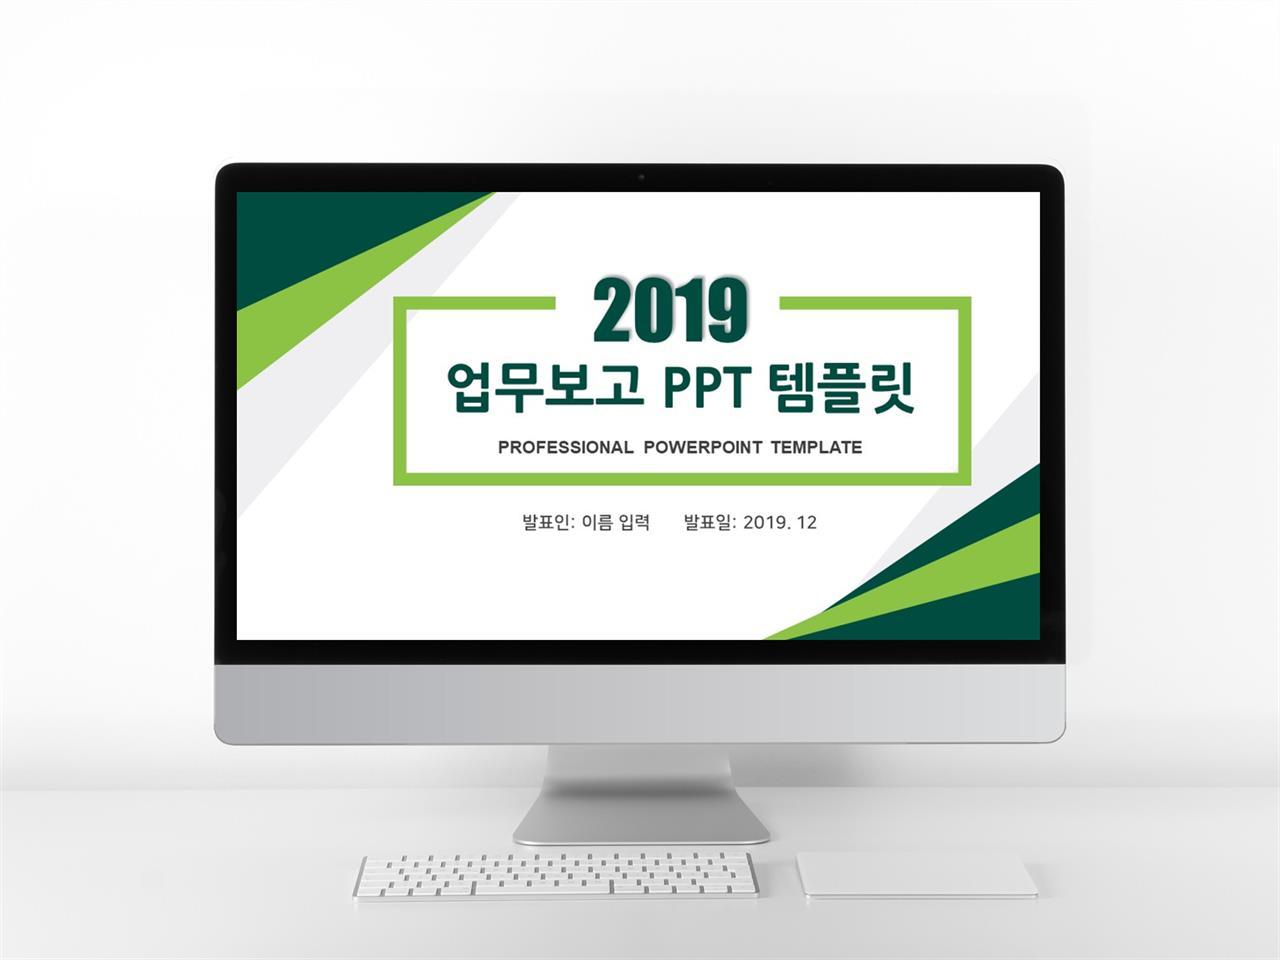 업무보고 초록색 단정한 고급형 피피티탬플릿 디자인 미리보기